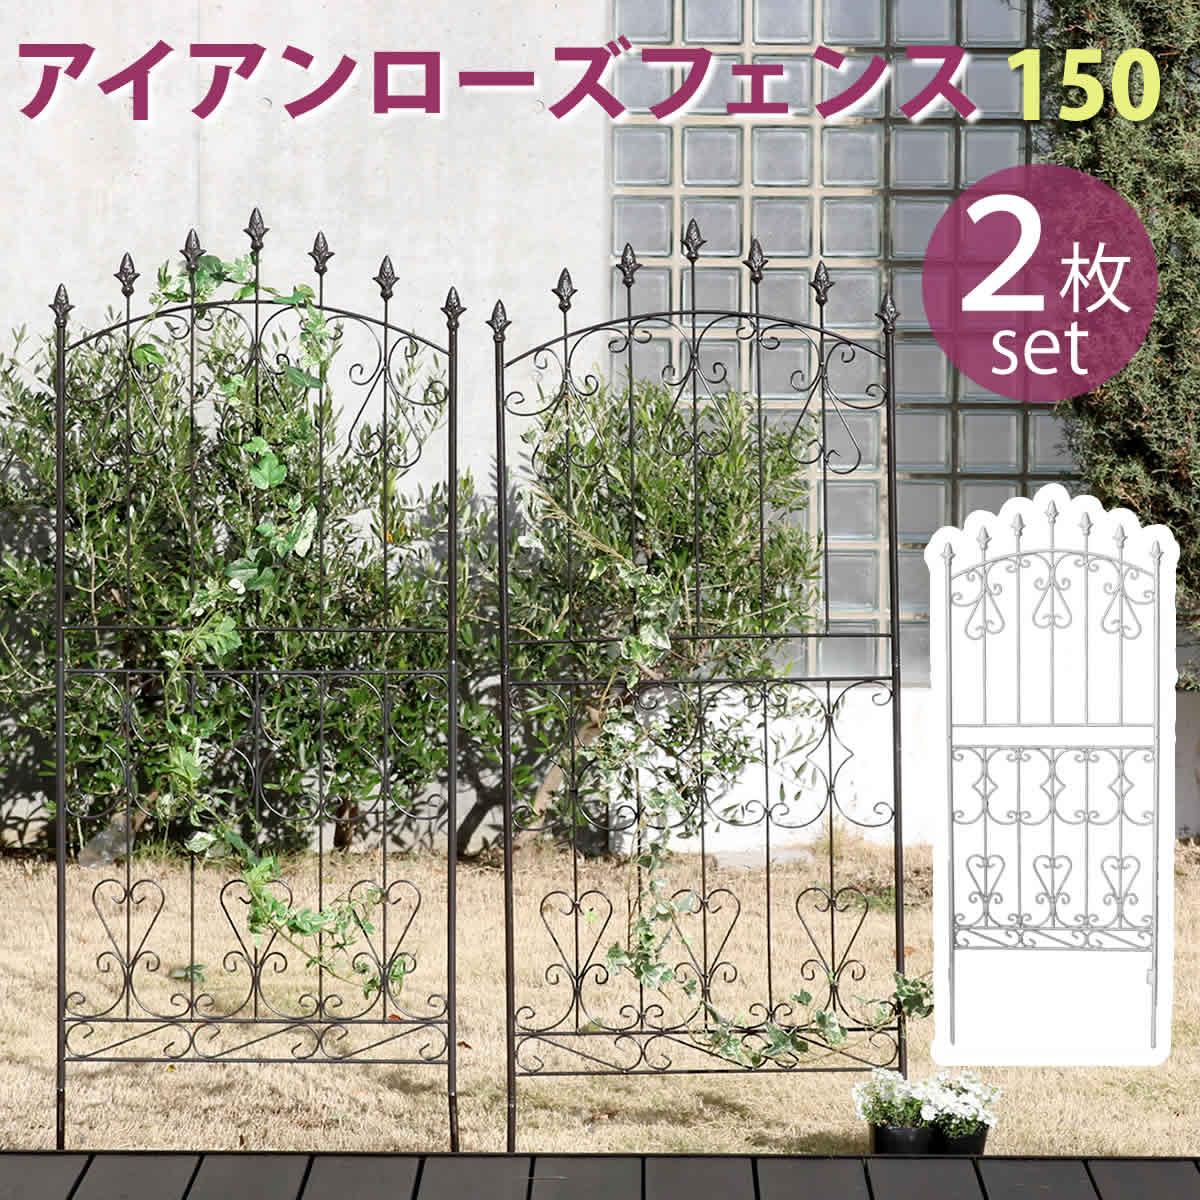 【ポイントUP+お得なクーポン】アイアンローズフェンス150 ロータイプ 2枚組 送料無料 フェンス アイアン ガーデンフェンス ガーデニング 枠 柵 仕切り 目隠し 境目 クラシカル アンティーク トレリス ベランダ つる 薔薇 バラ